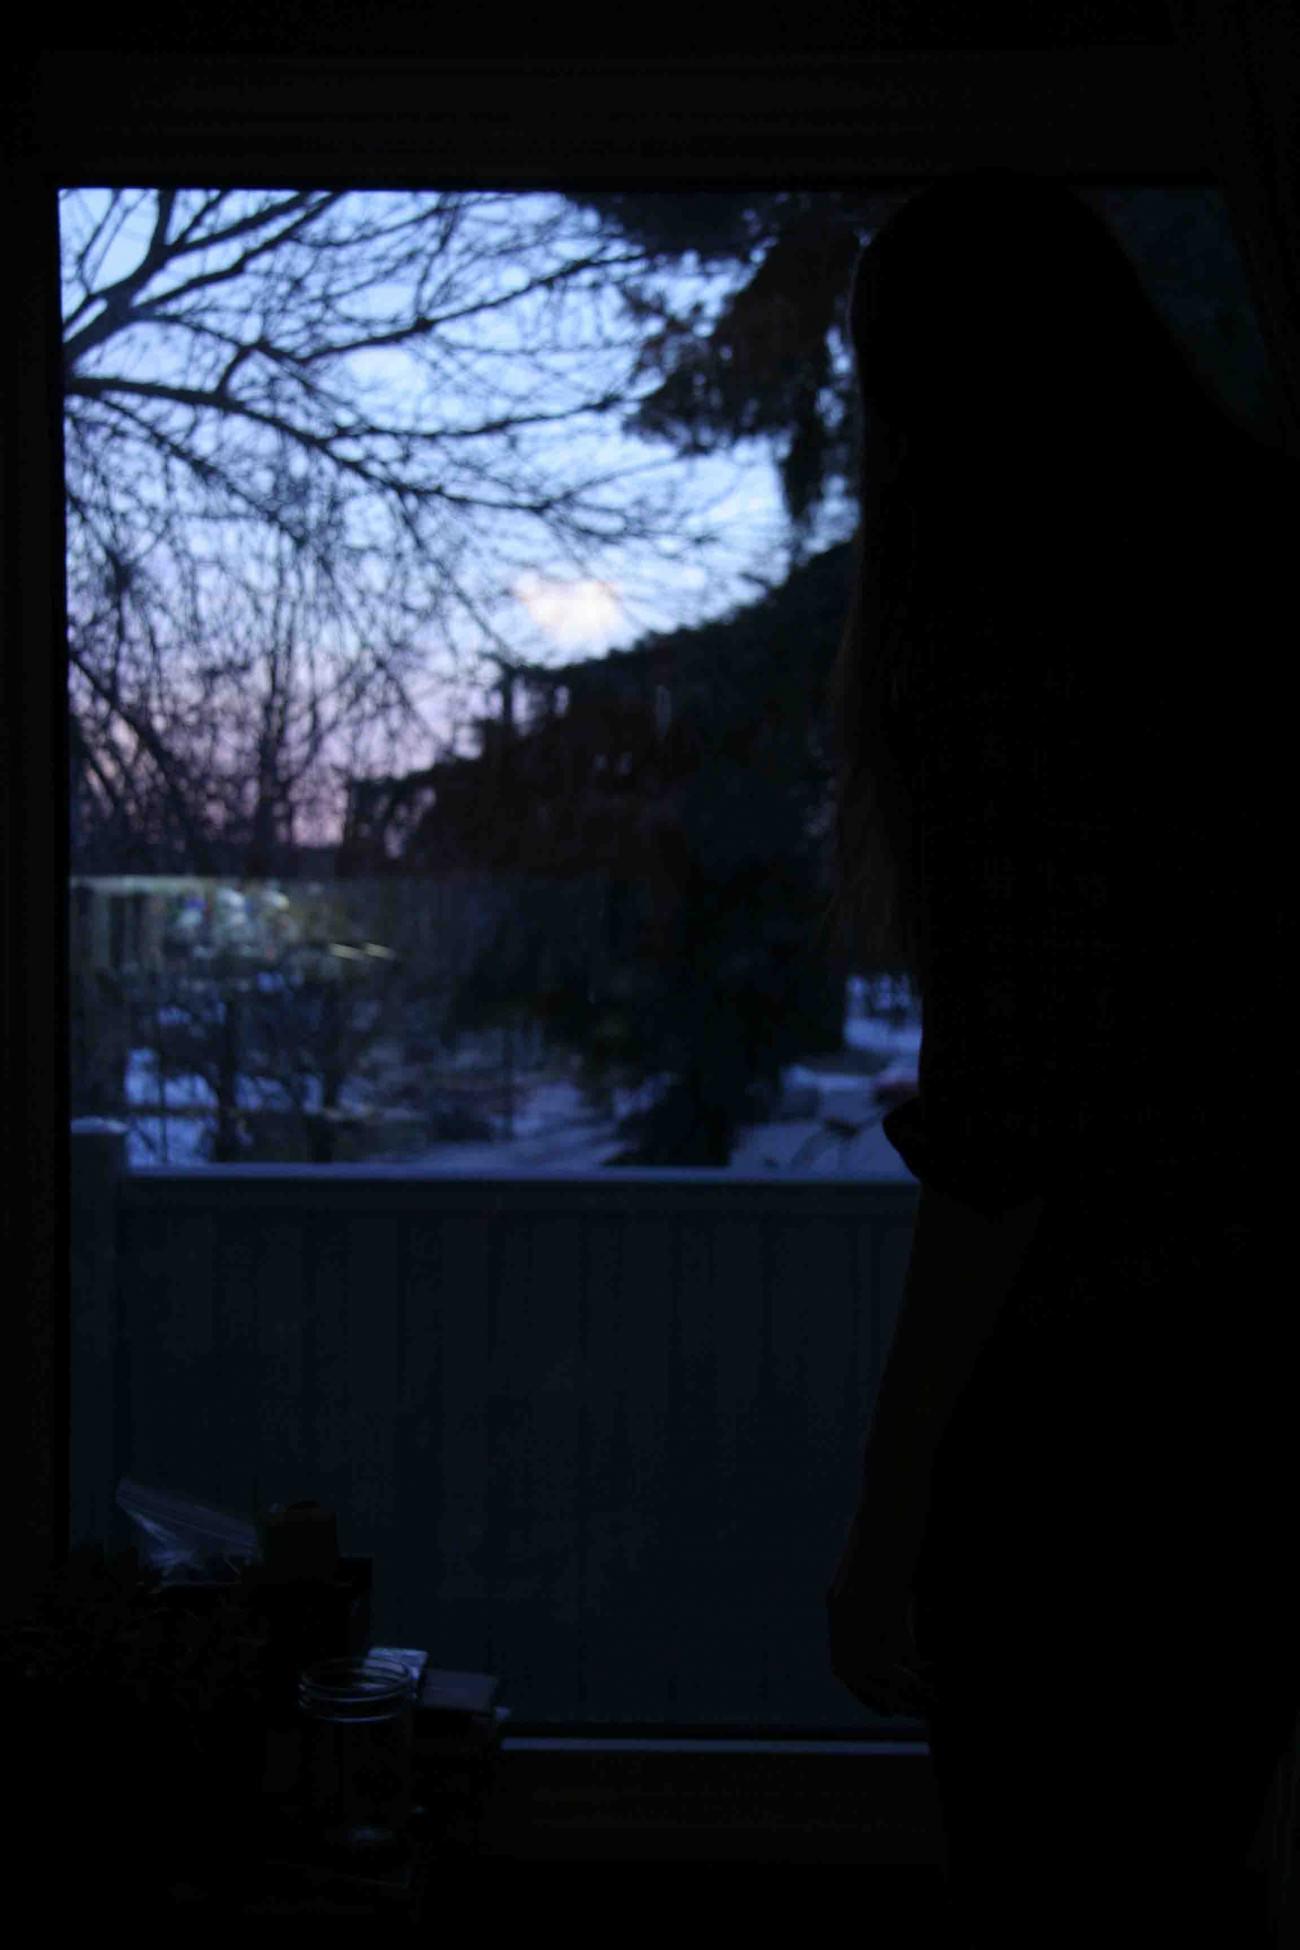 Steve Giasson. Performance invisible n° 29 (Épier quelqu'un ou quelque chose de sa fenêtre.) Performeuse : Catherine Leroux. Crédit photographique : Catherine Leroux. 13 mars 2016.